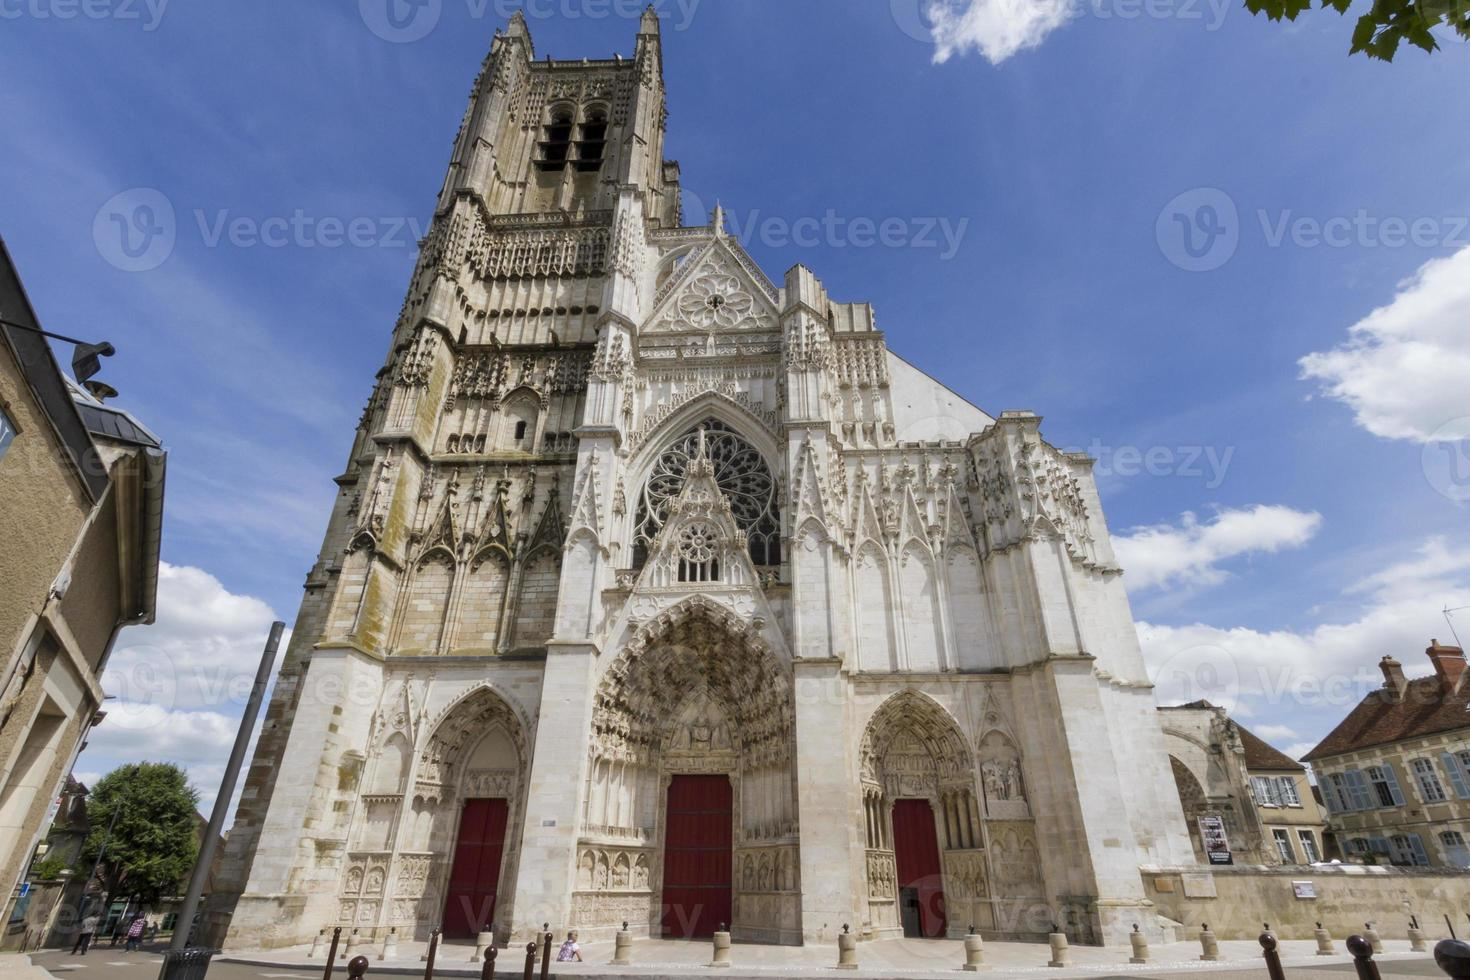 kathedraal van st. etienne, auxerre, Frankrijk. foto